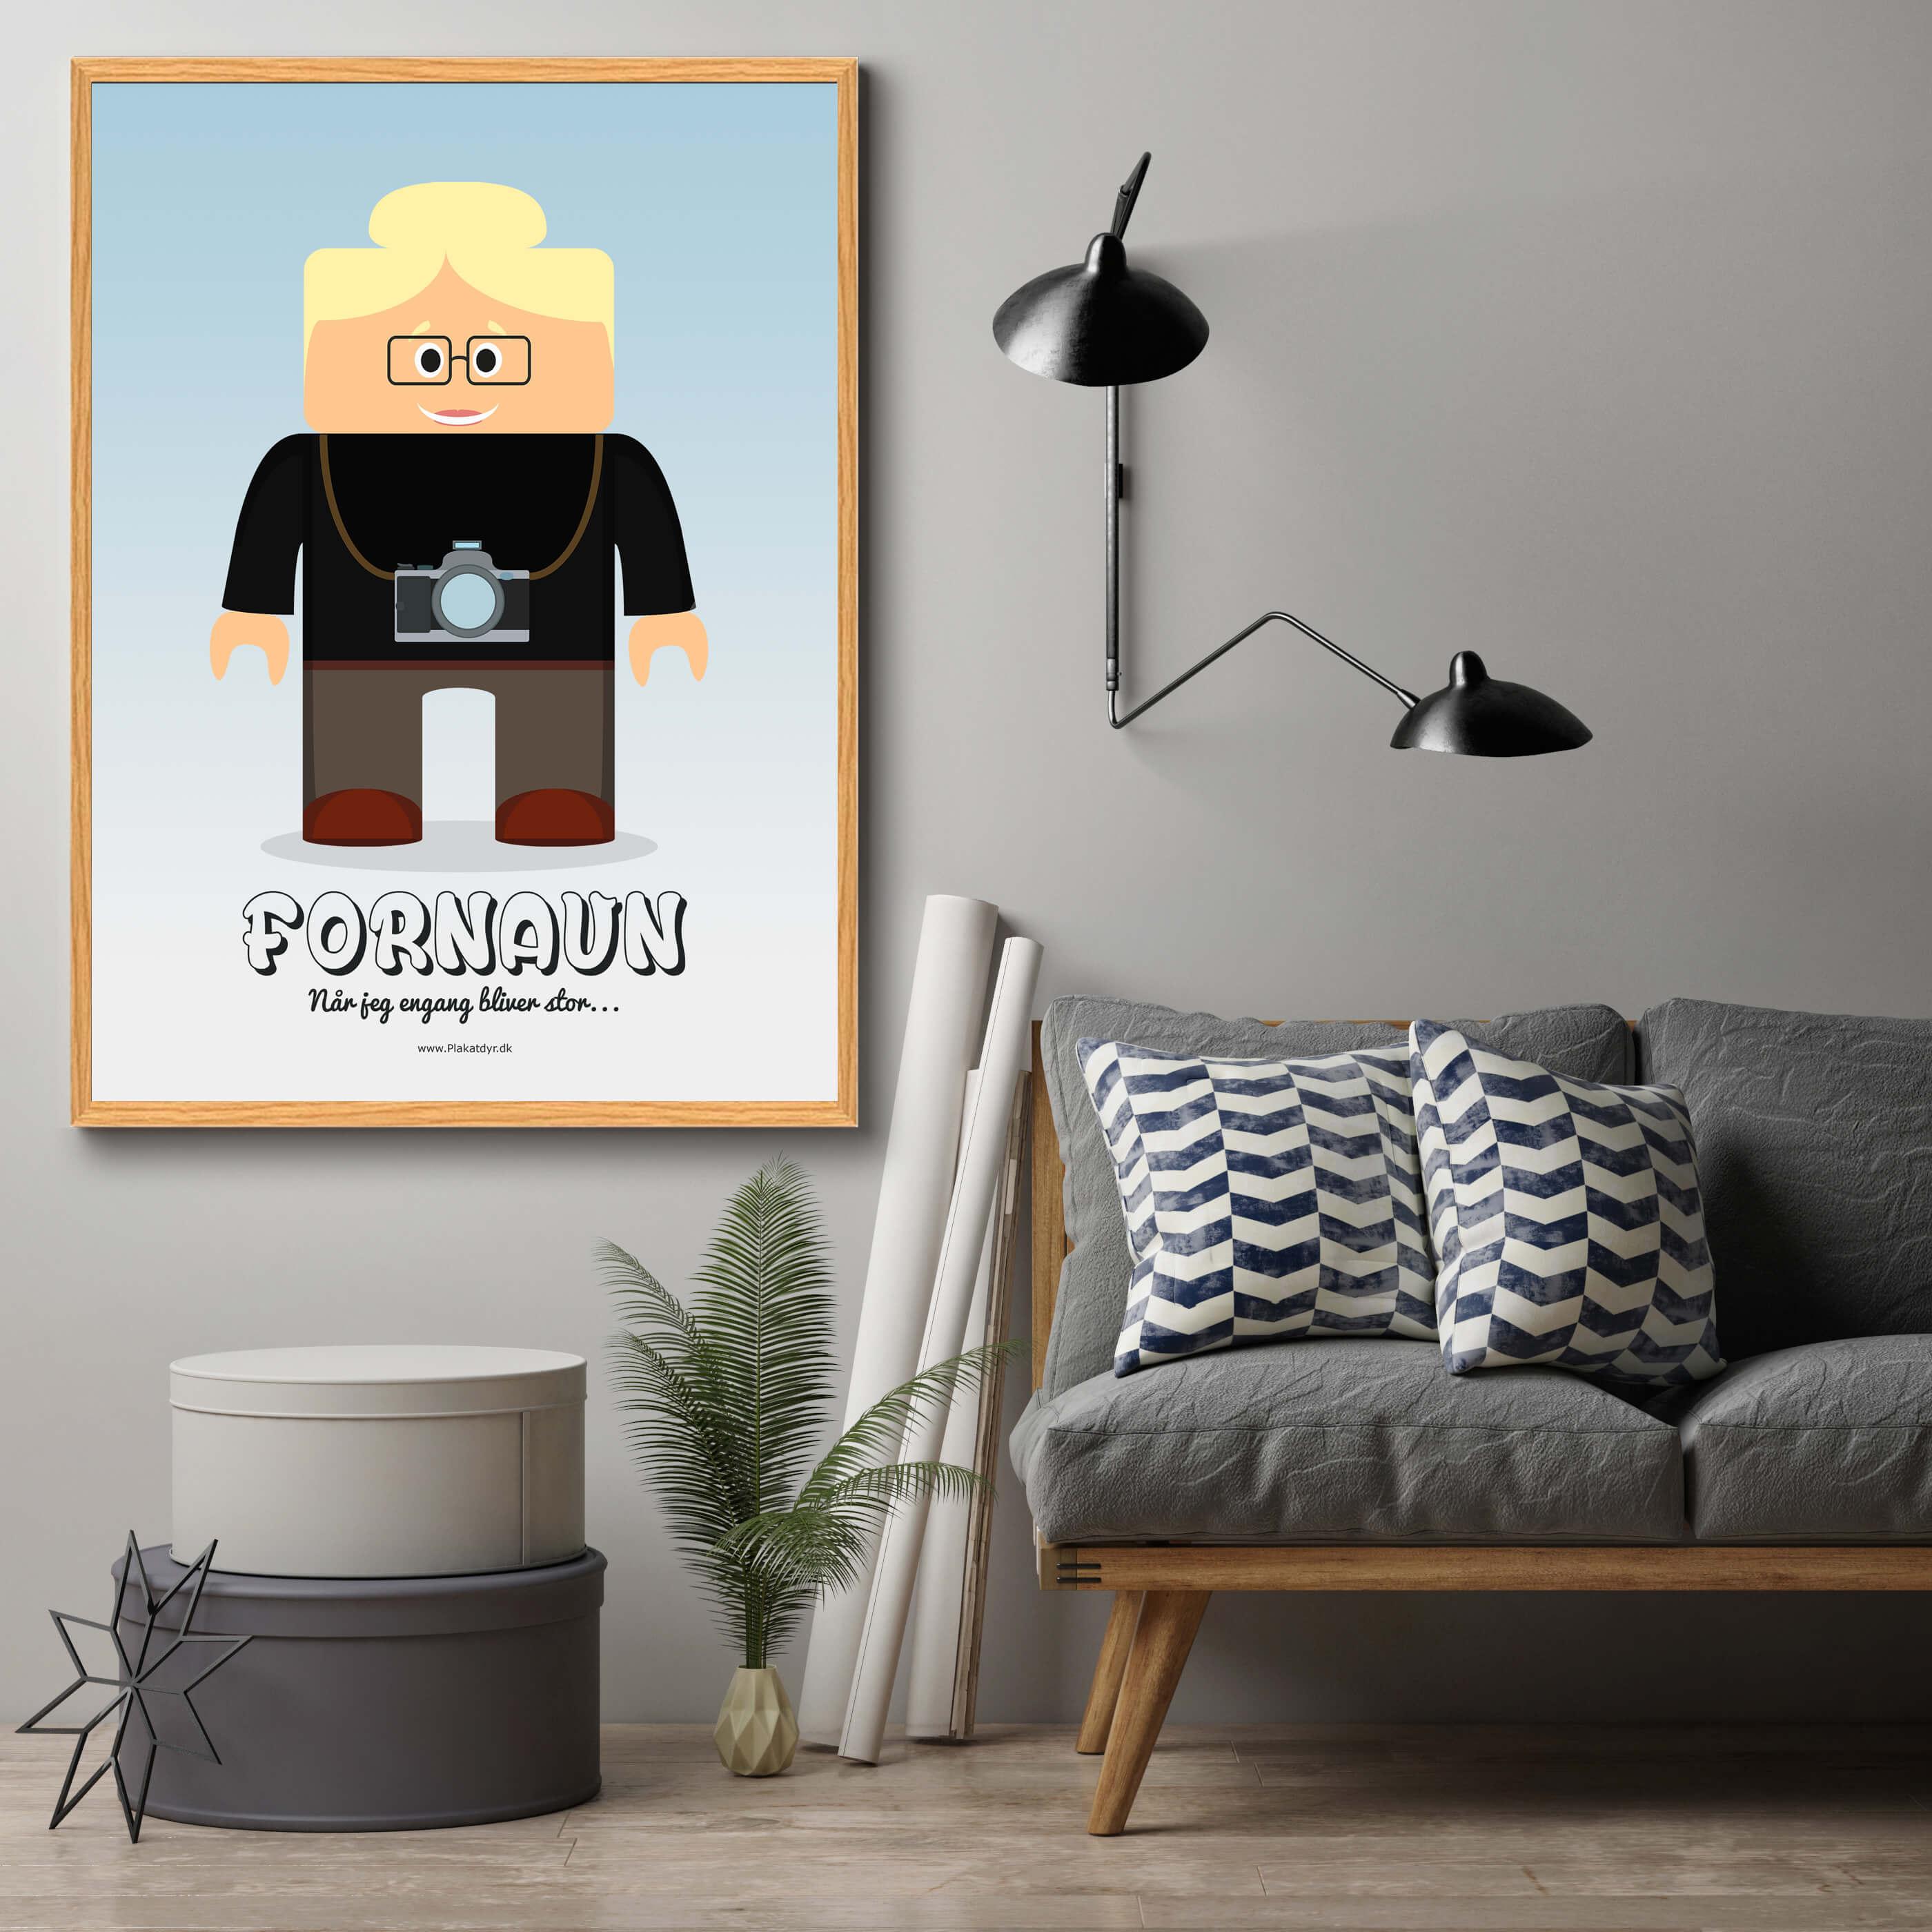 fotograf-pige-plakat-naar-jeg-bliver-stor